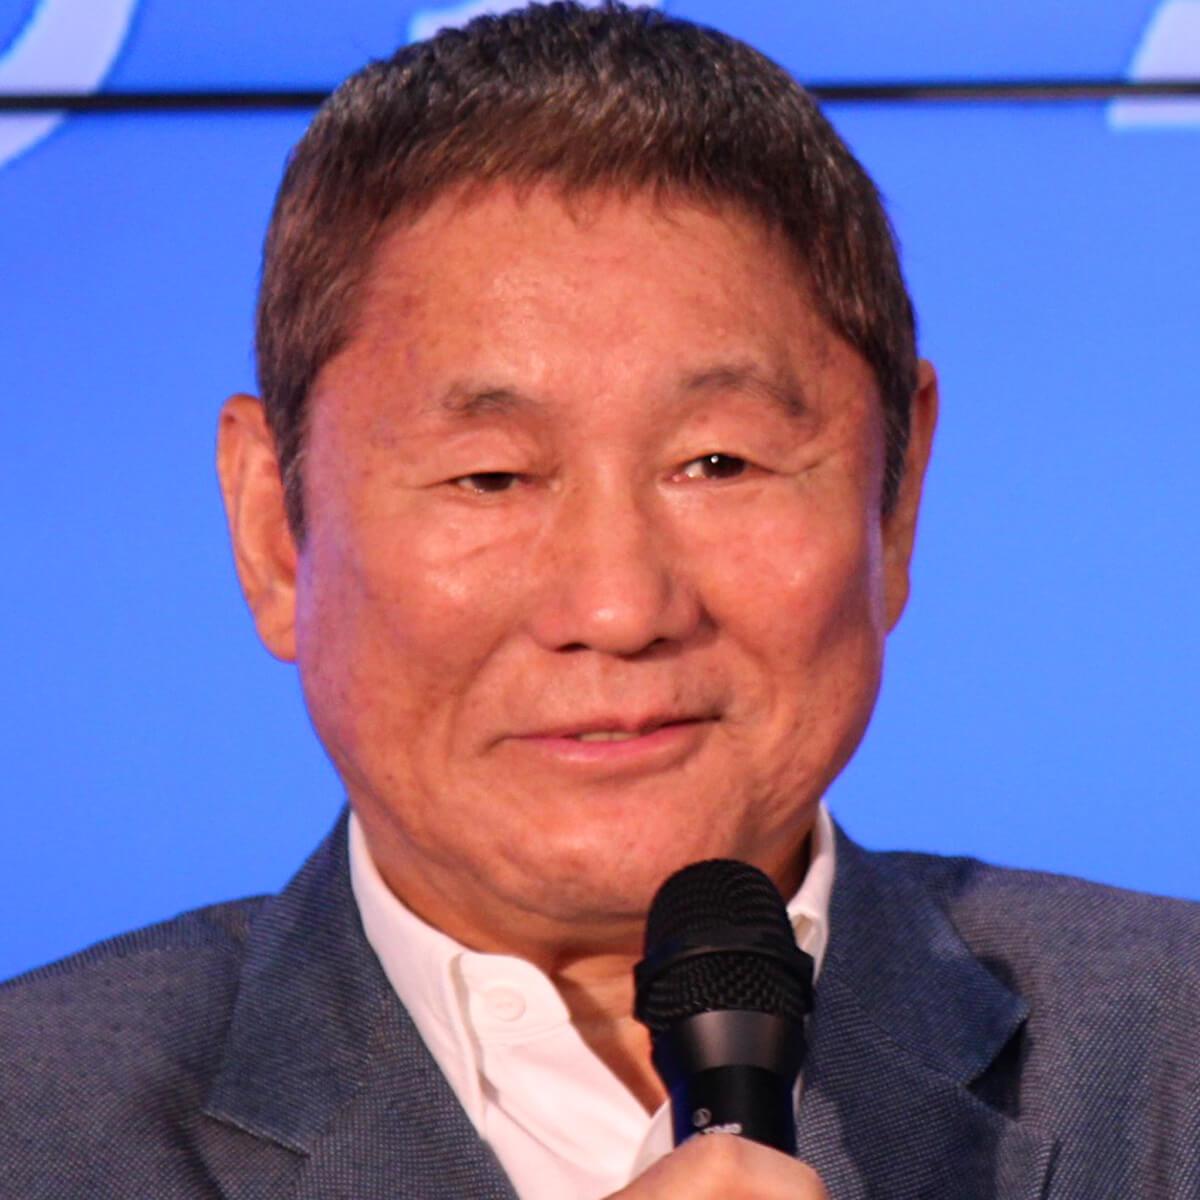 爆笑問題・太田光vsぜんじろうの「対決」で思い出す